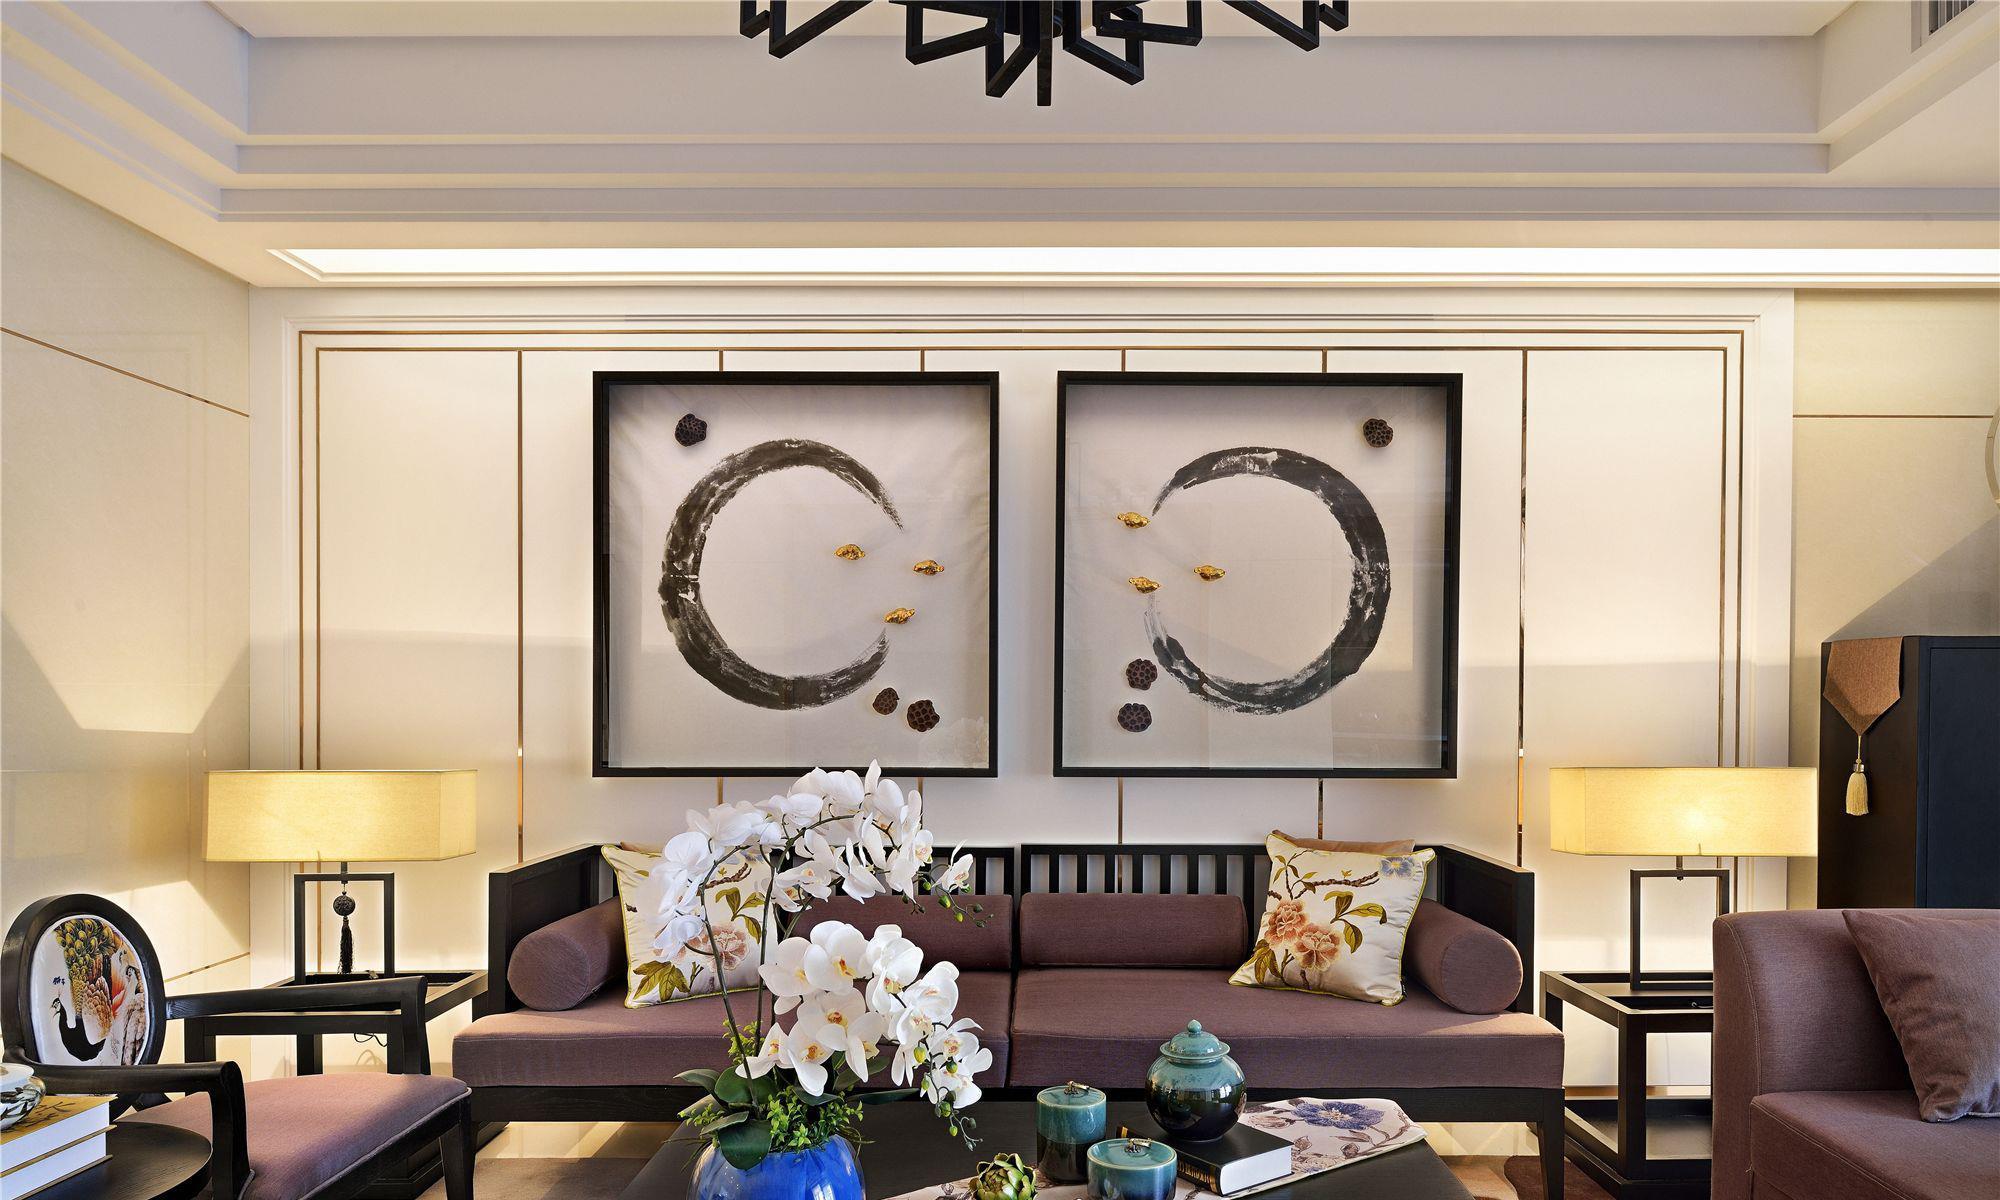 120平米四居室东南亚风格装修效果图 让一家三代人都爱不释手